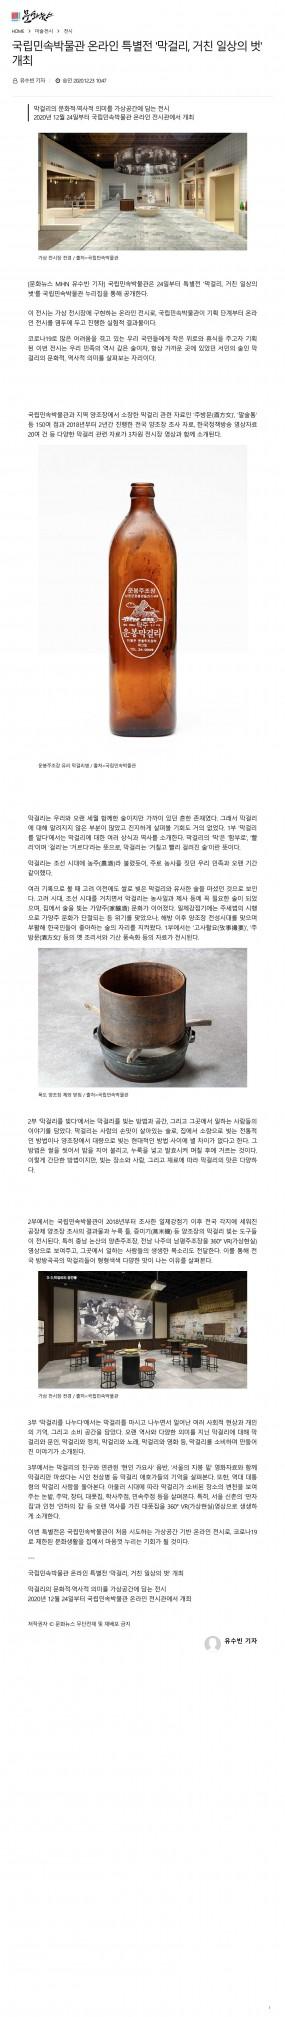 [문화뉴스] 국립민속박물관 온라인 특별전 …